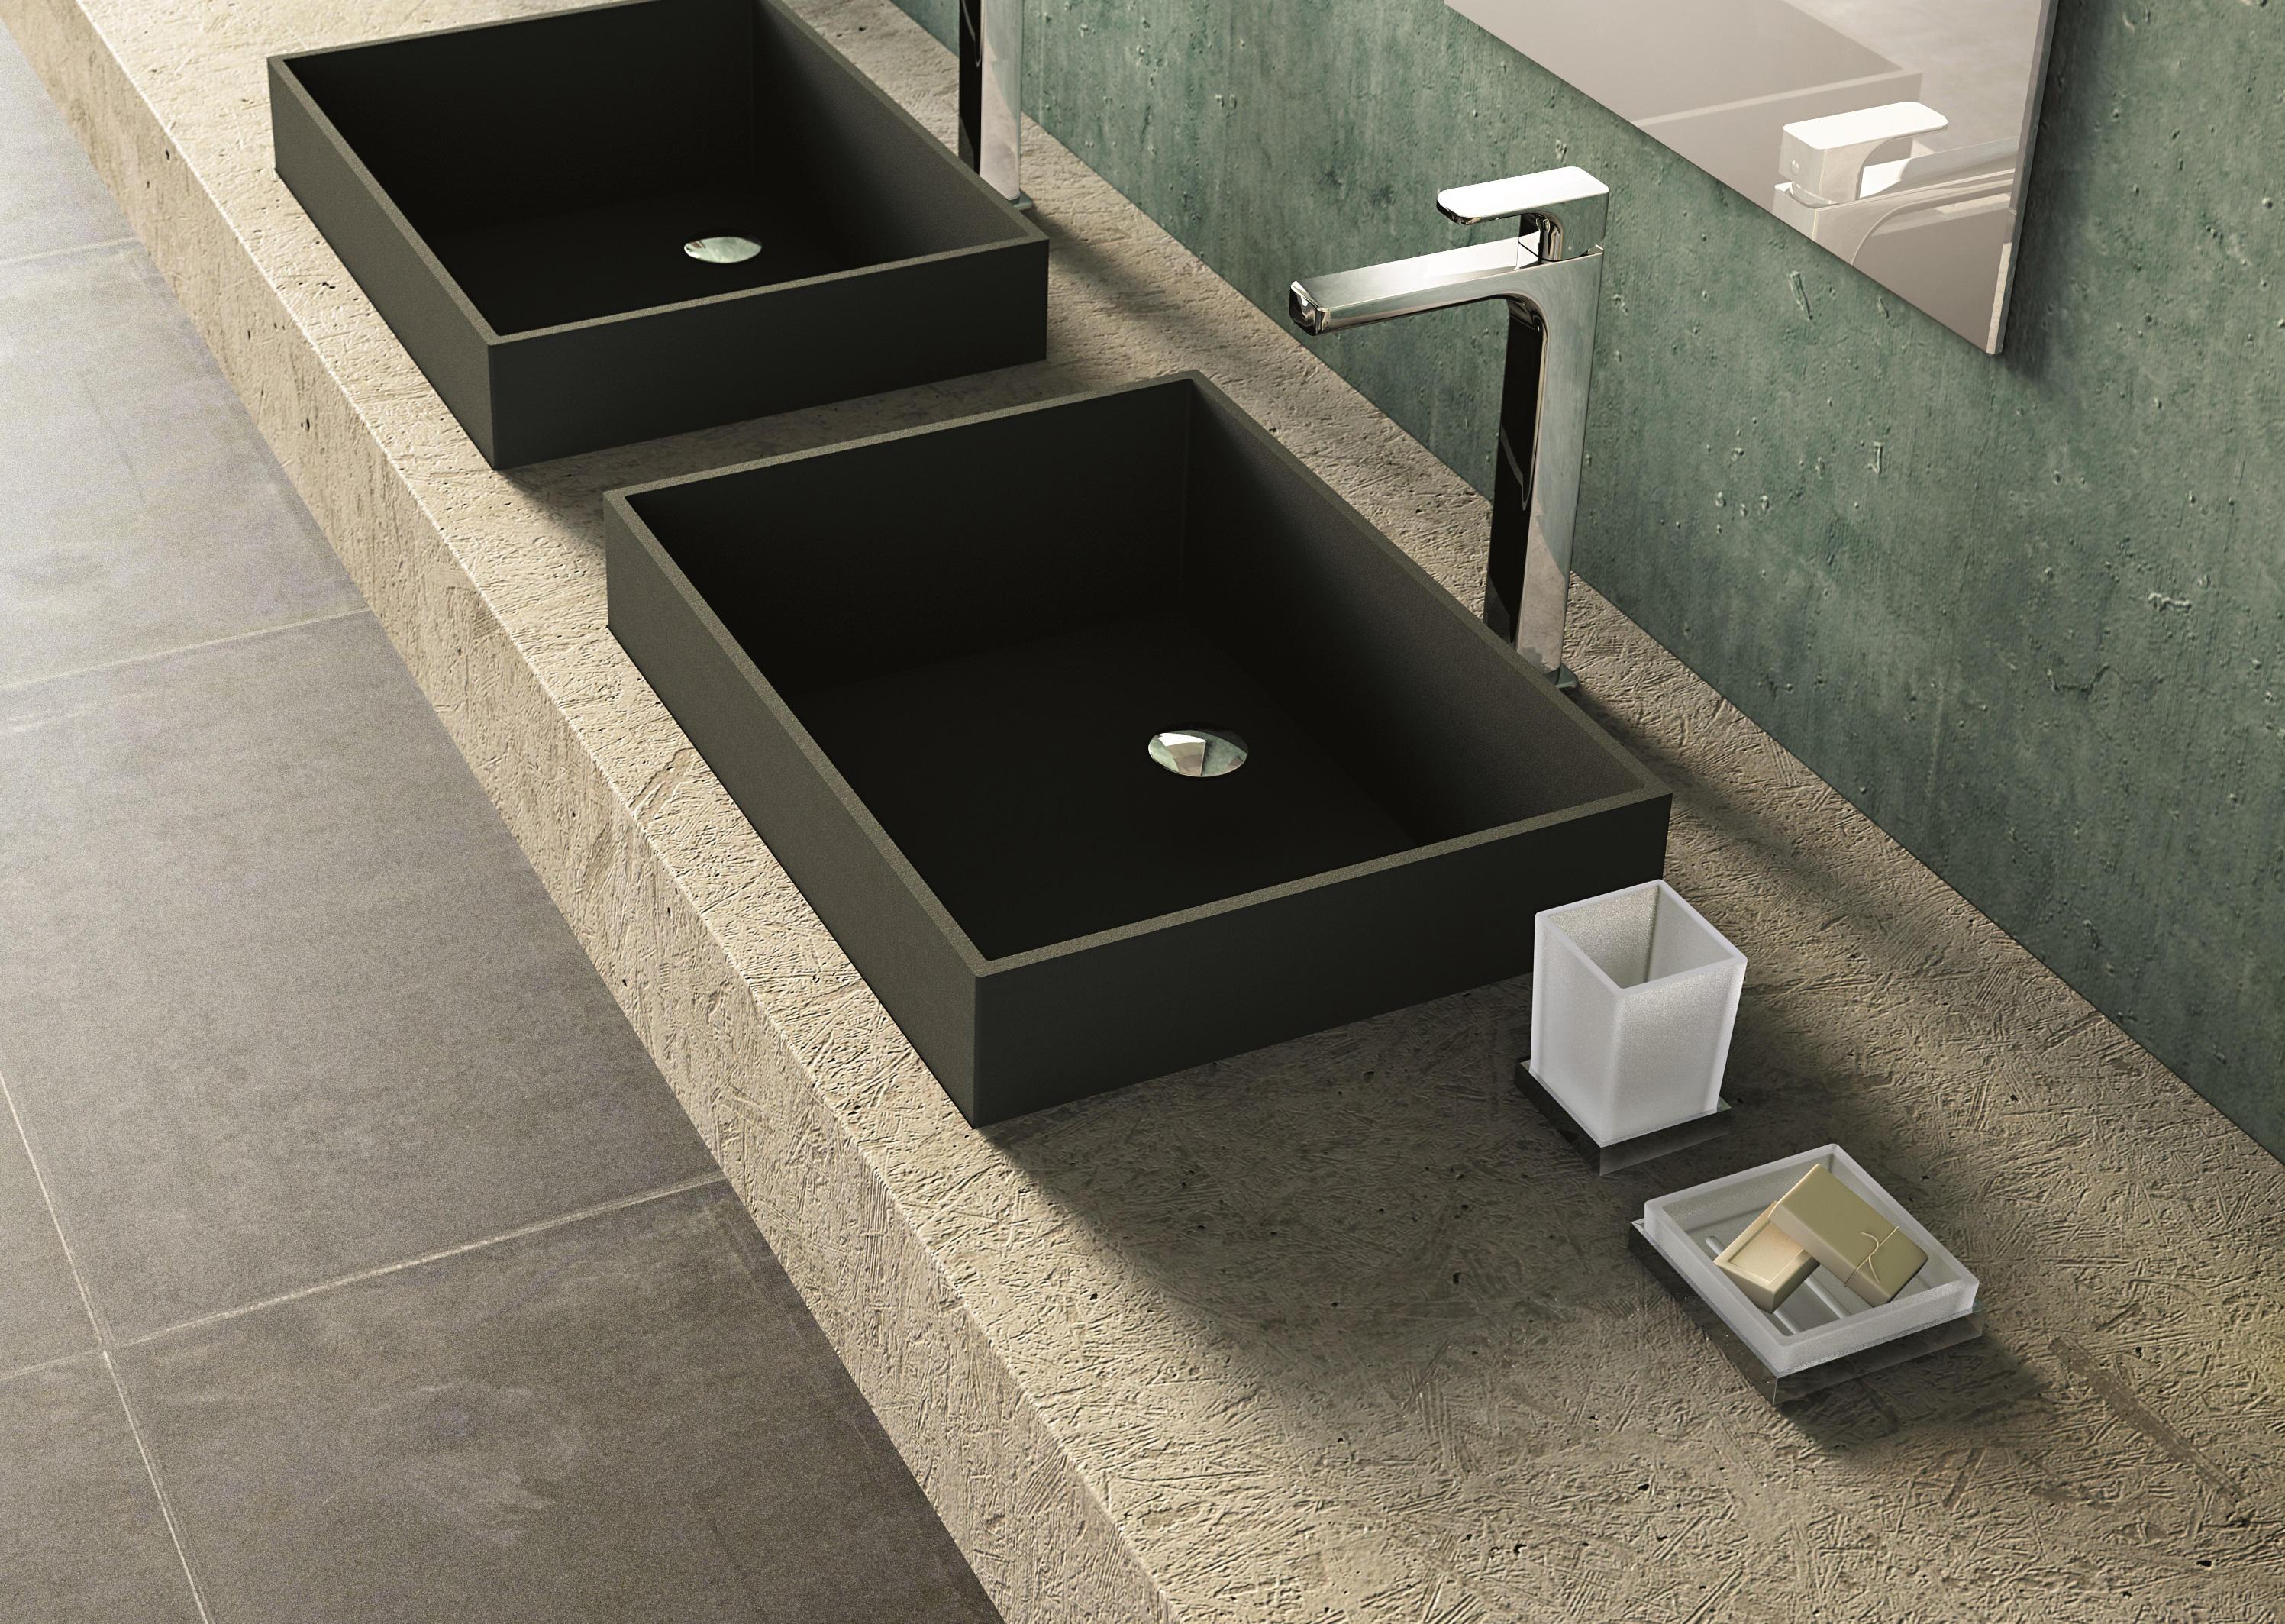 Accessori bagno moderni portasaponette fir italia - Accessori moderni bagno ...